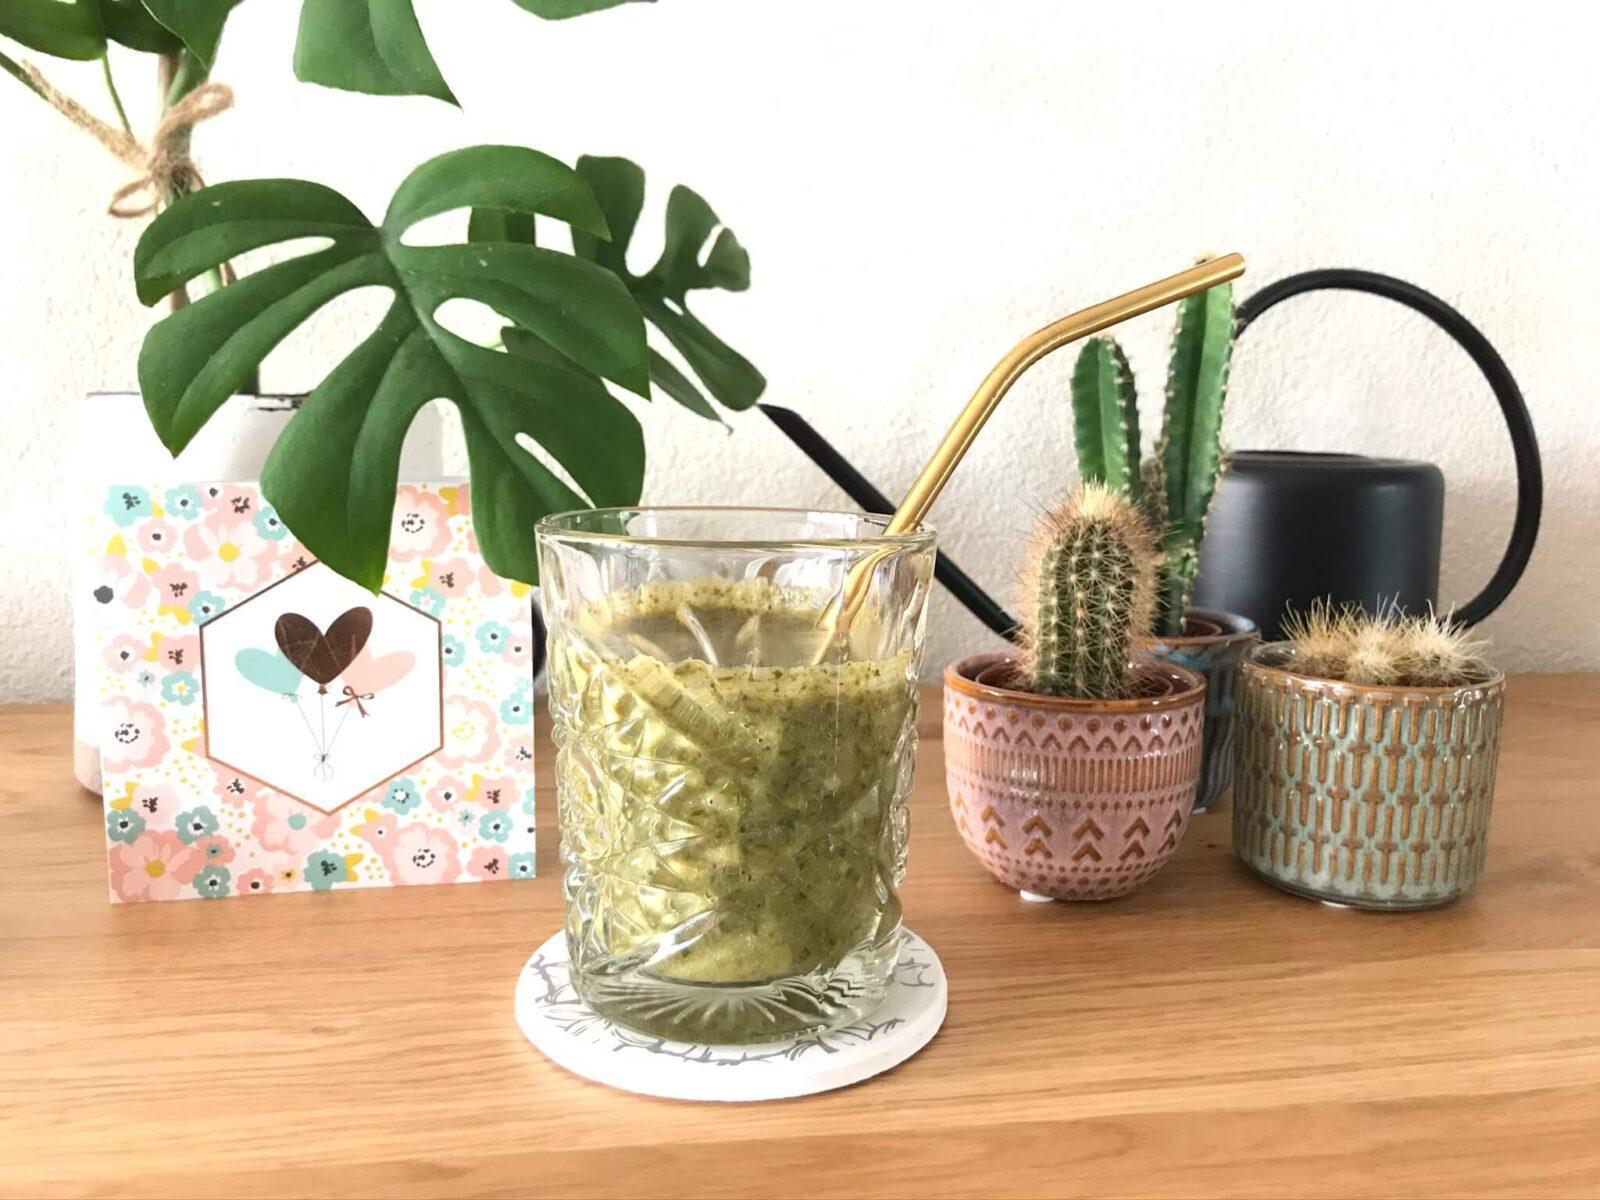 Recept groene smoothie met appel, komkommer, spinazie en kiwi mamazetkoers (1)